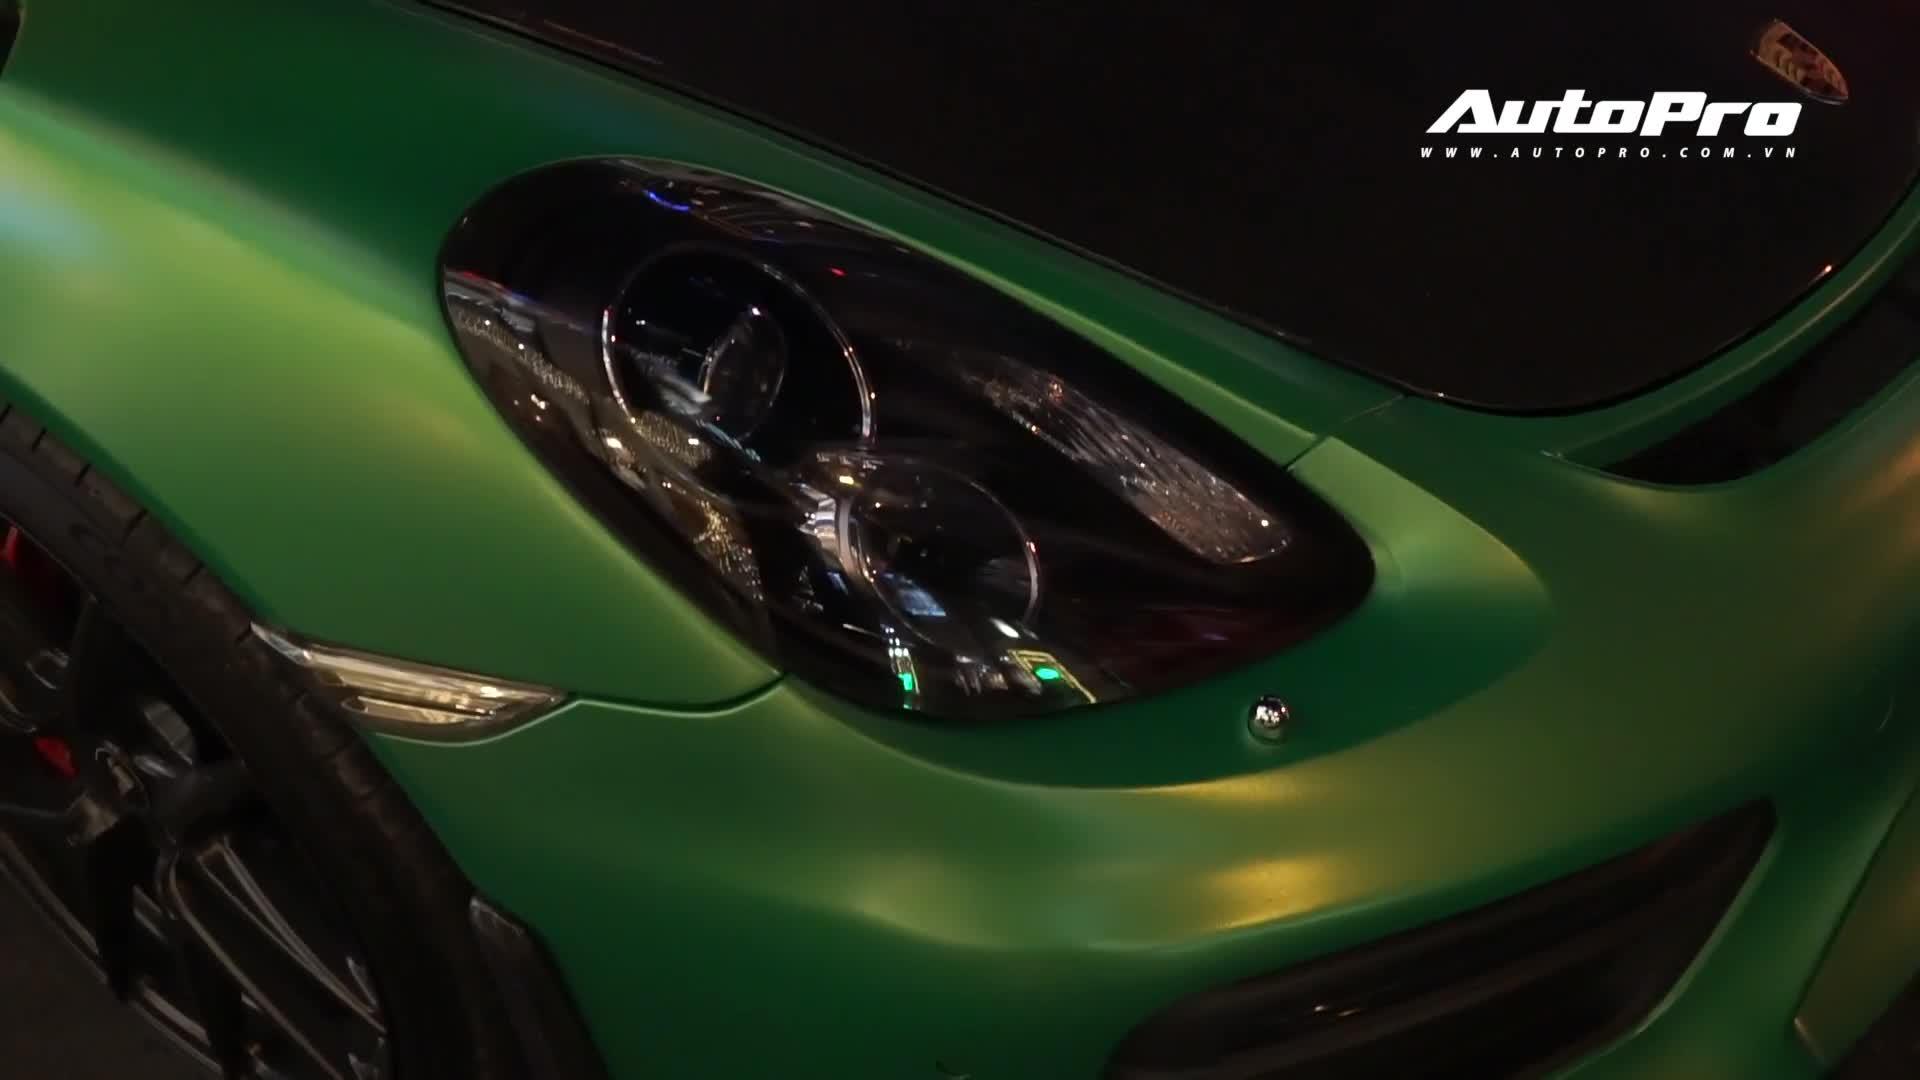 Dân chơi Sài Gòn độ Porsche Cayman phiên bản GT4